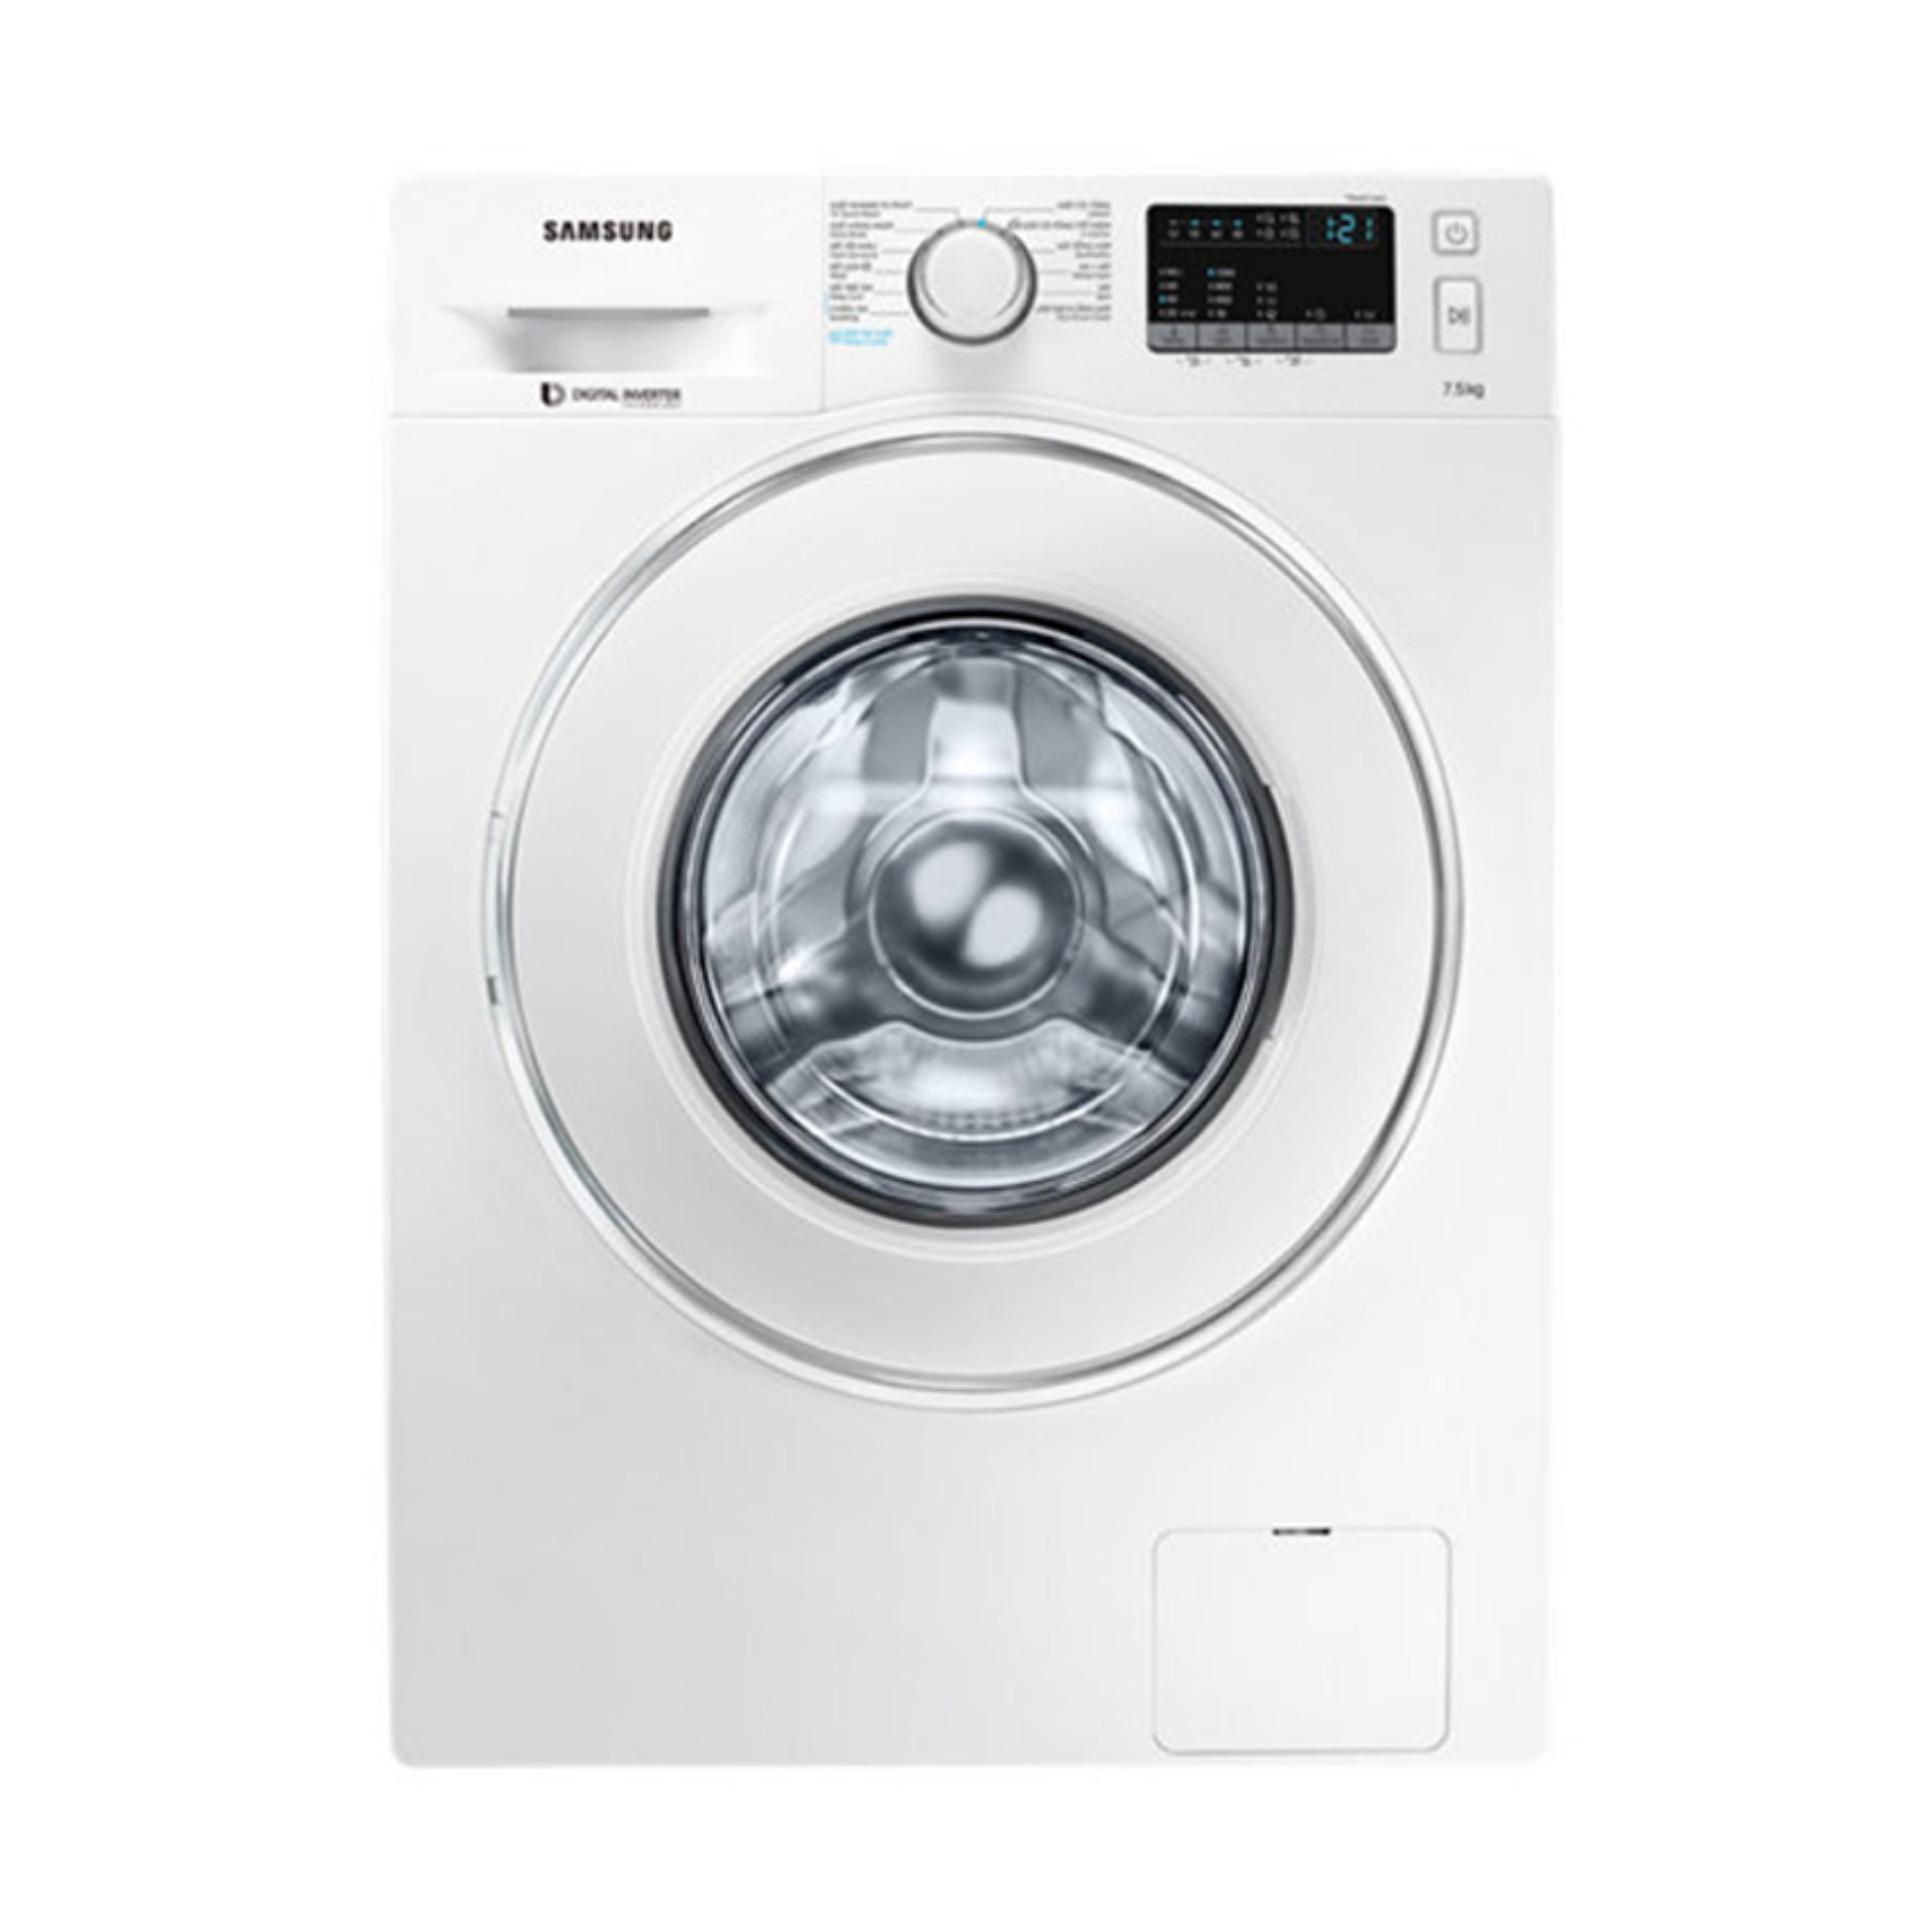 Hình ảnh Máy giặt cửa trước hơi nước Inverter Samsung WW75J42G0IW/SV 7.5kg (Trắng)